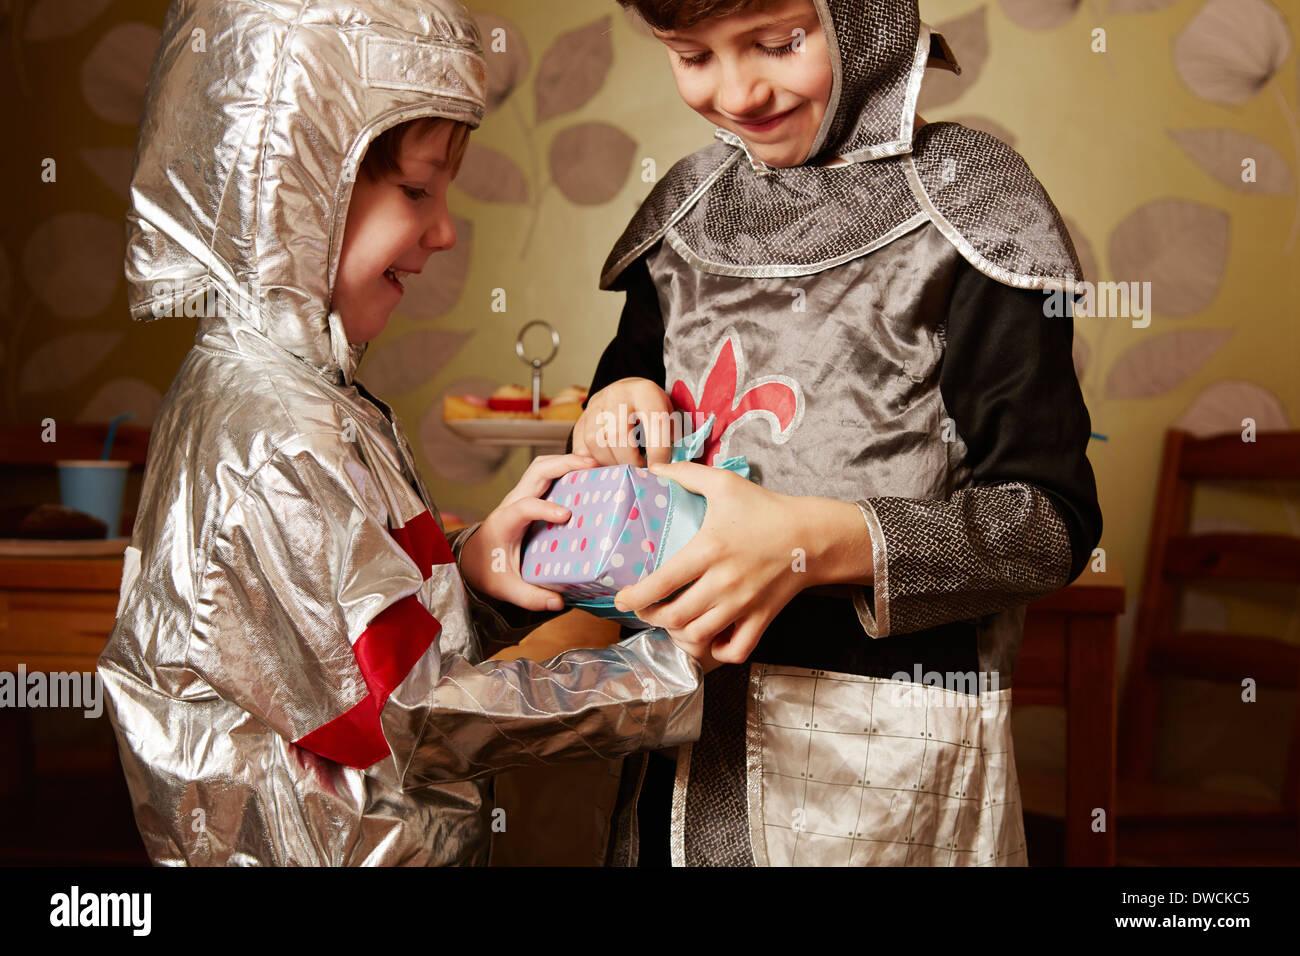 Deux garçons habillés comme des chevaliers, l'un recevant cadeau d'anniversaire Photo Stock